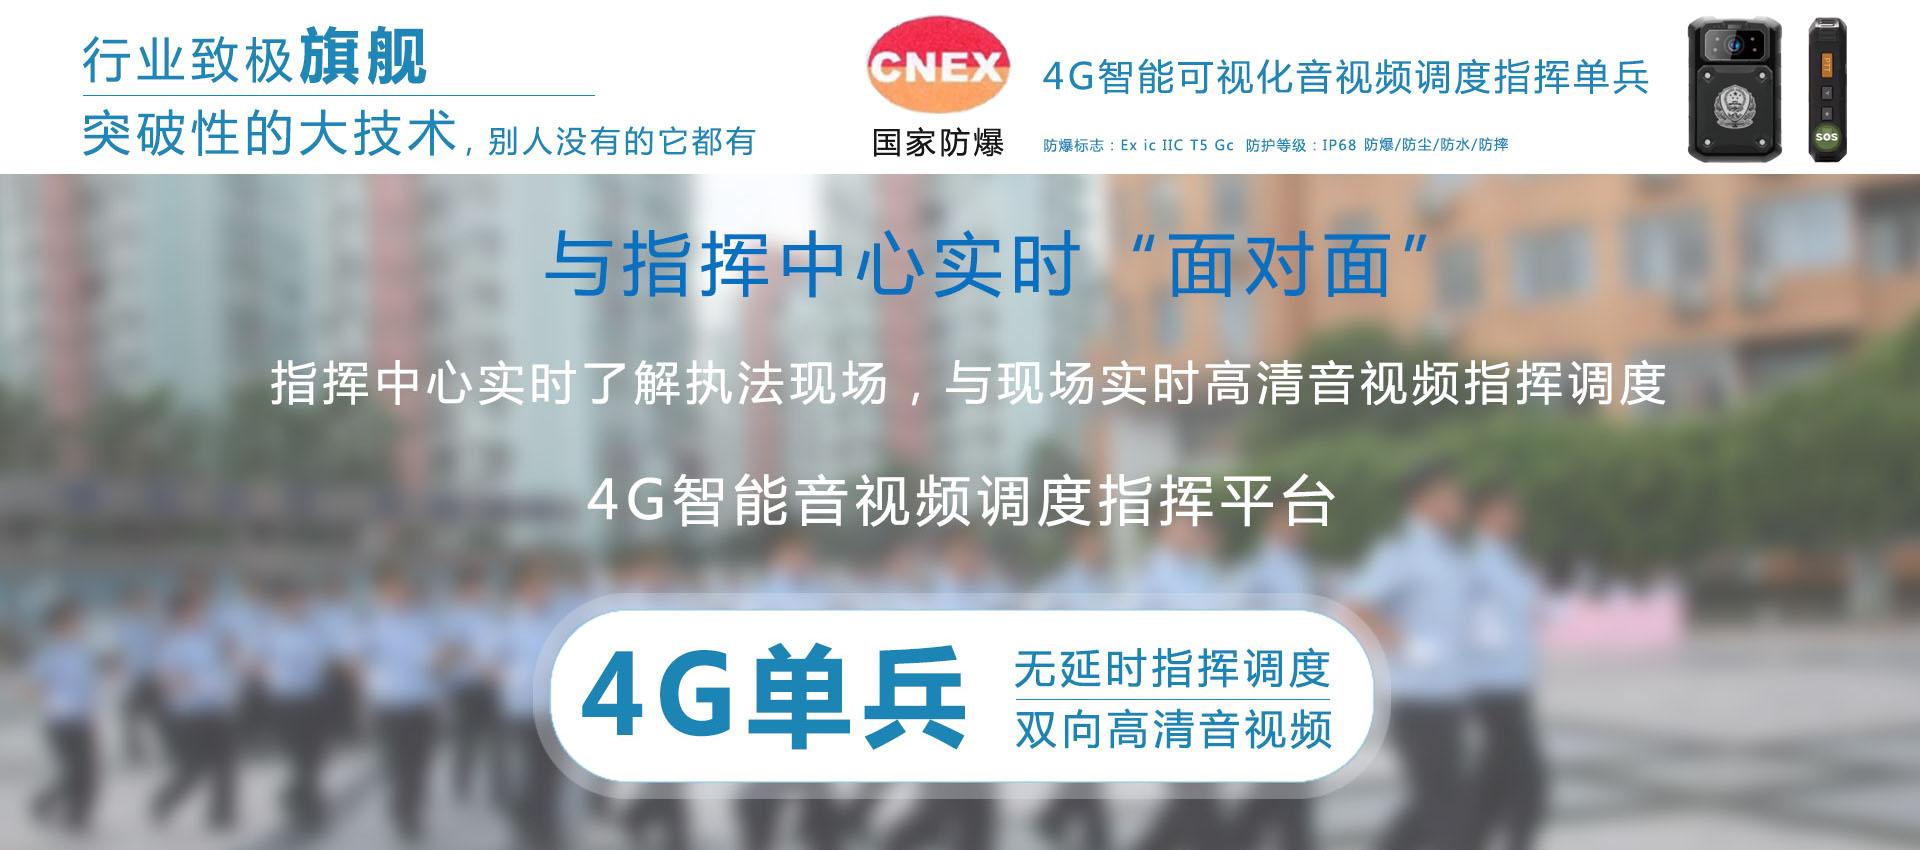 4G智能防爆单兵.jpg